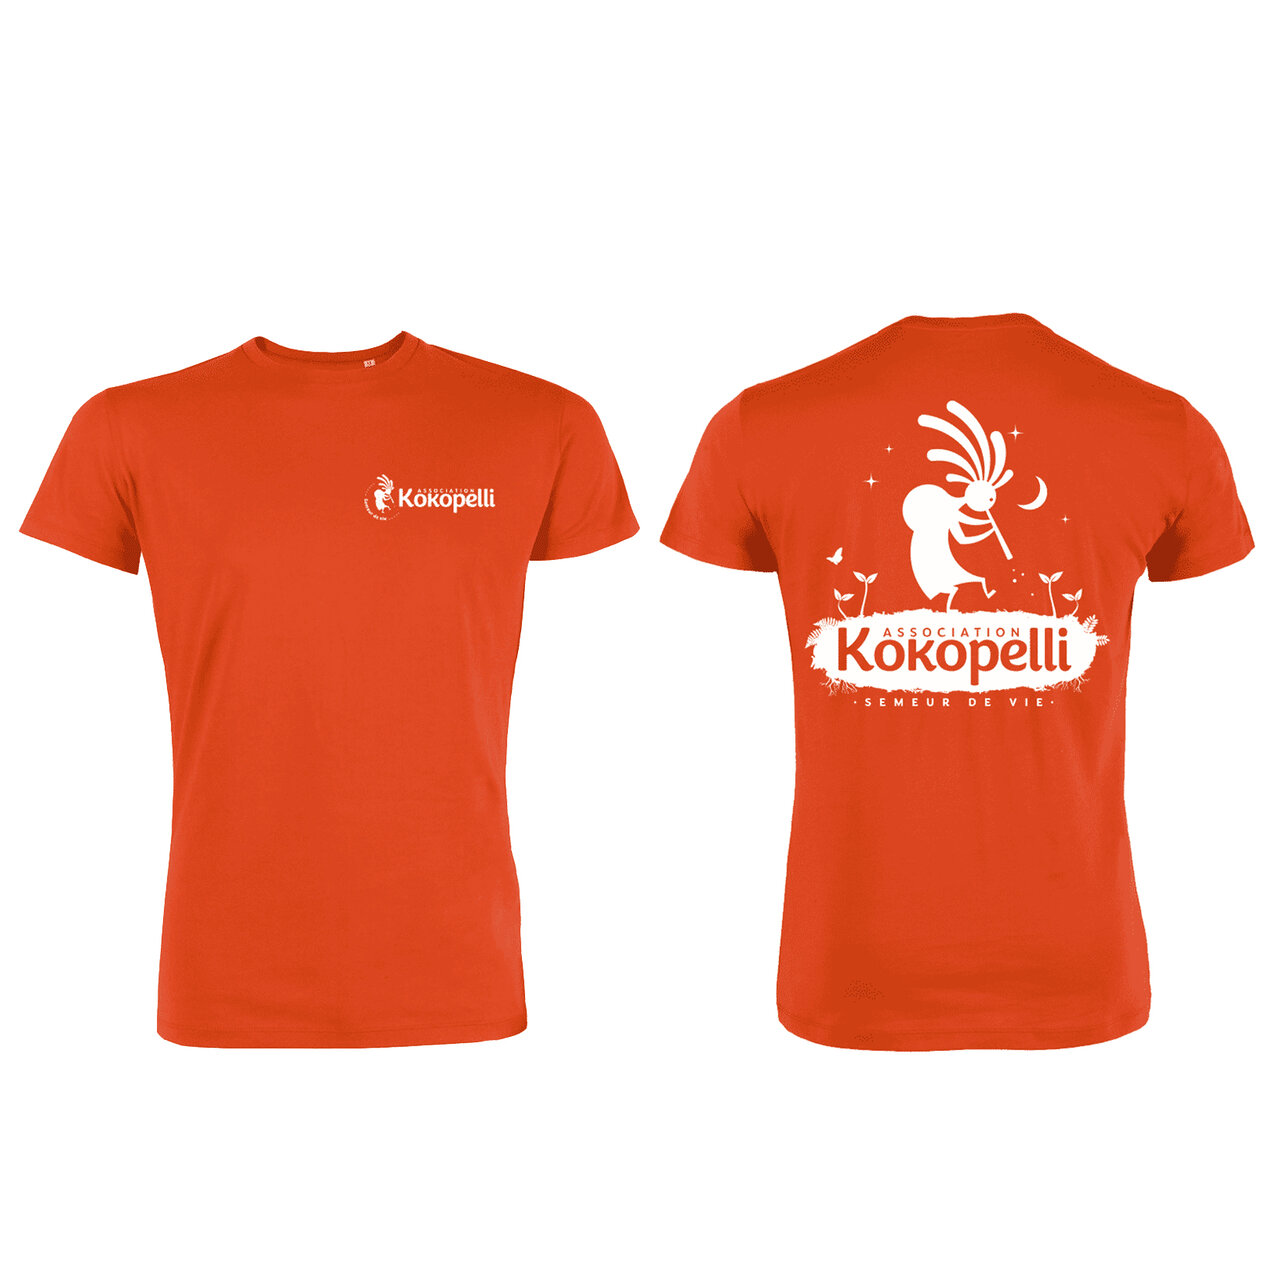 Vêtements - T-Shirt homme orange, taille L